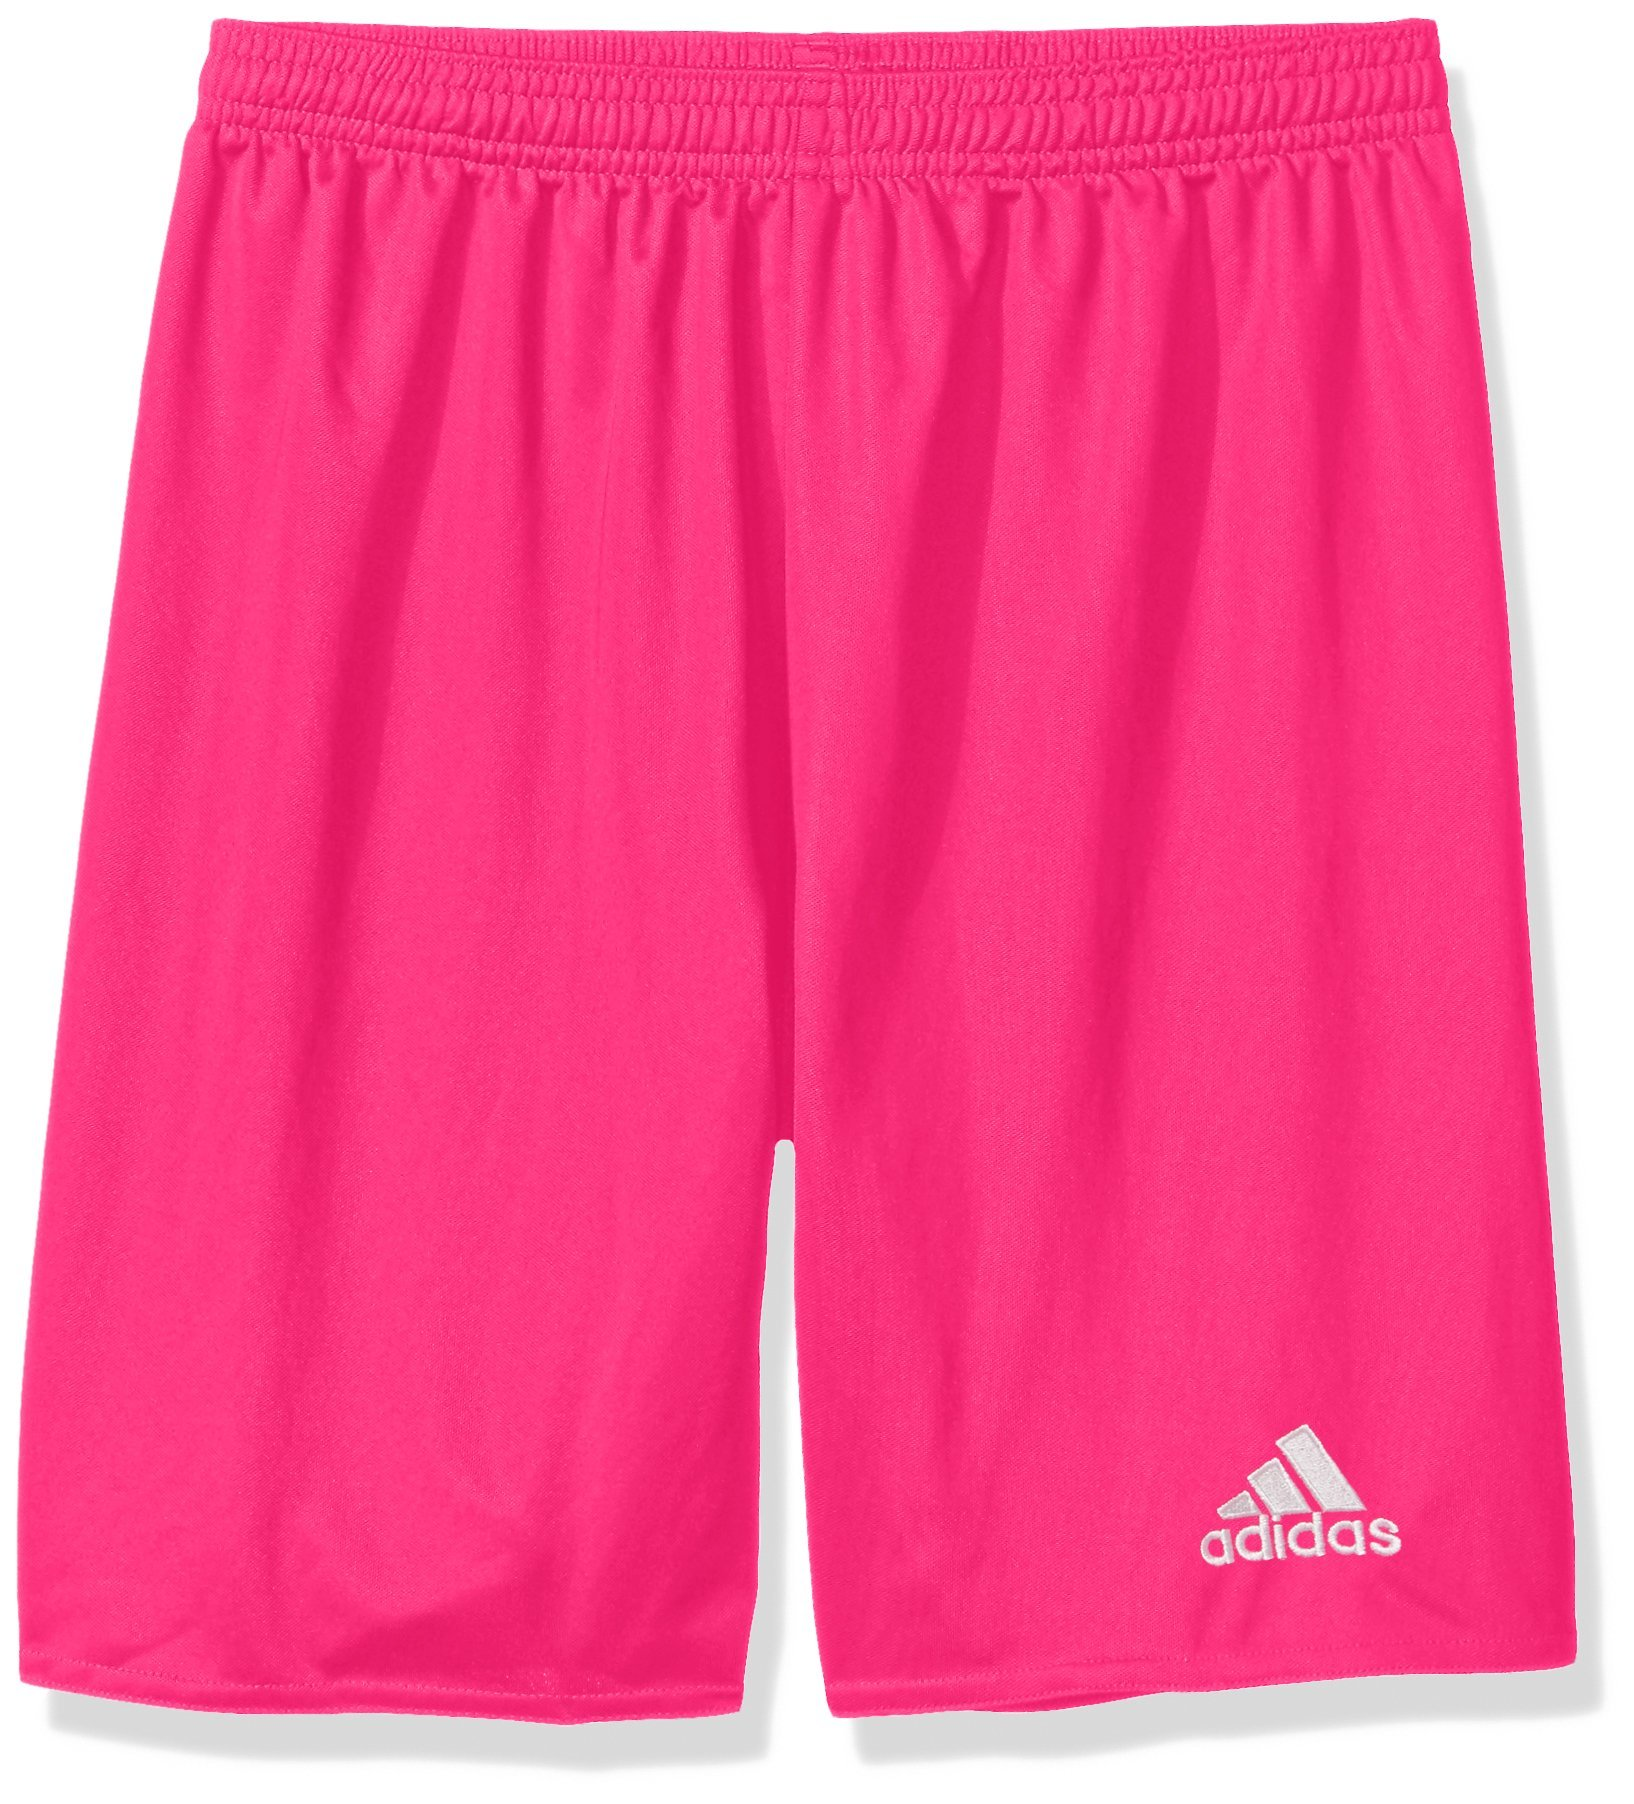 adidas Youth Parma 16 Shorts, Shock